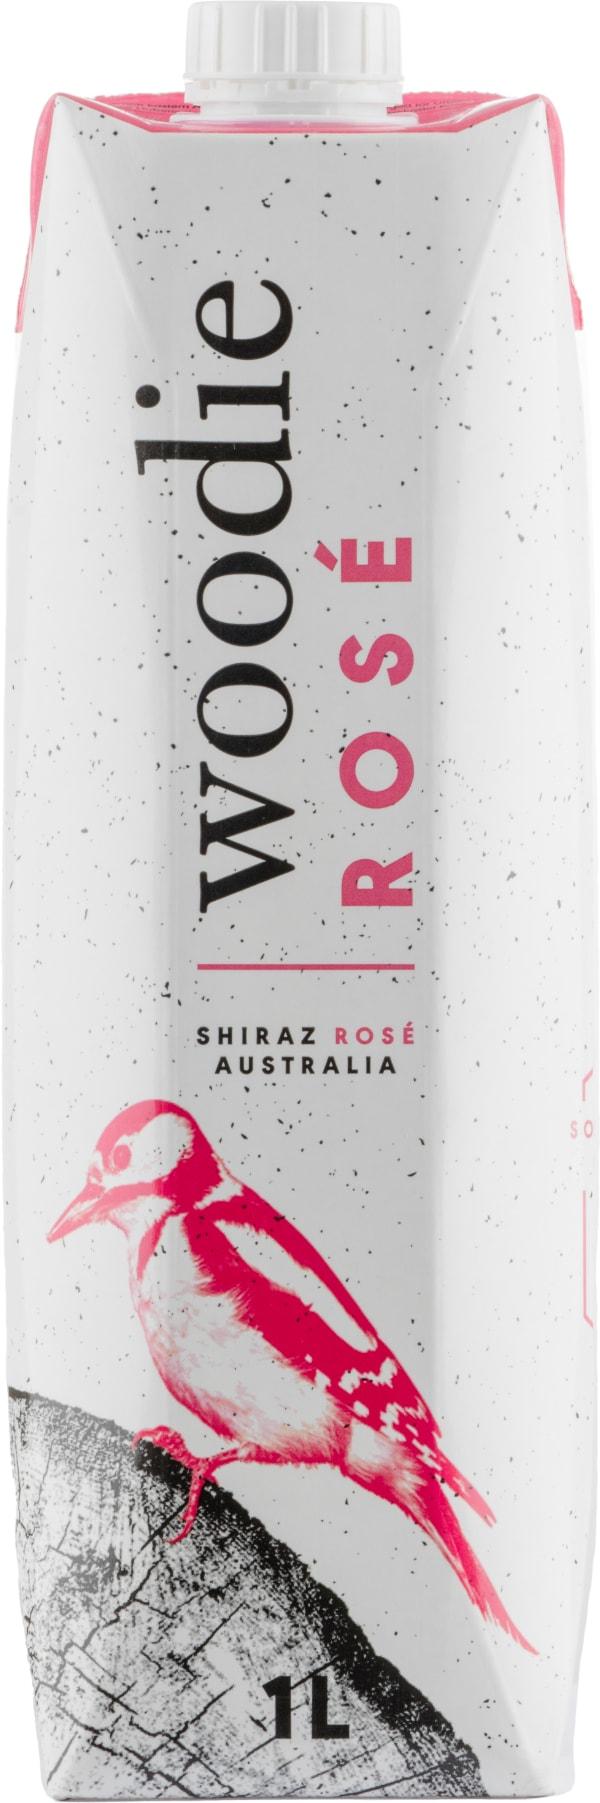 Woodie Rosé 2020 carton package